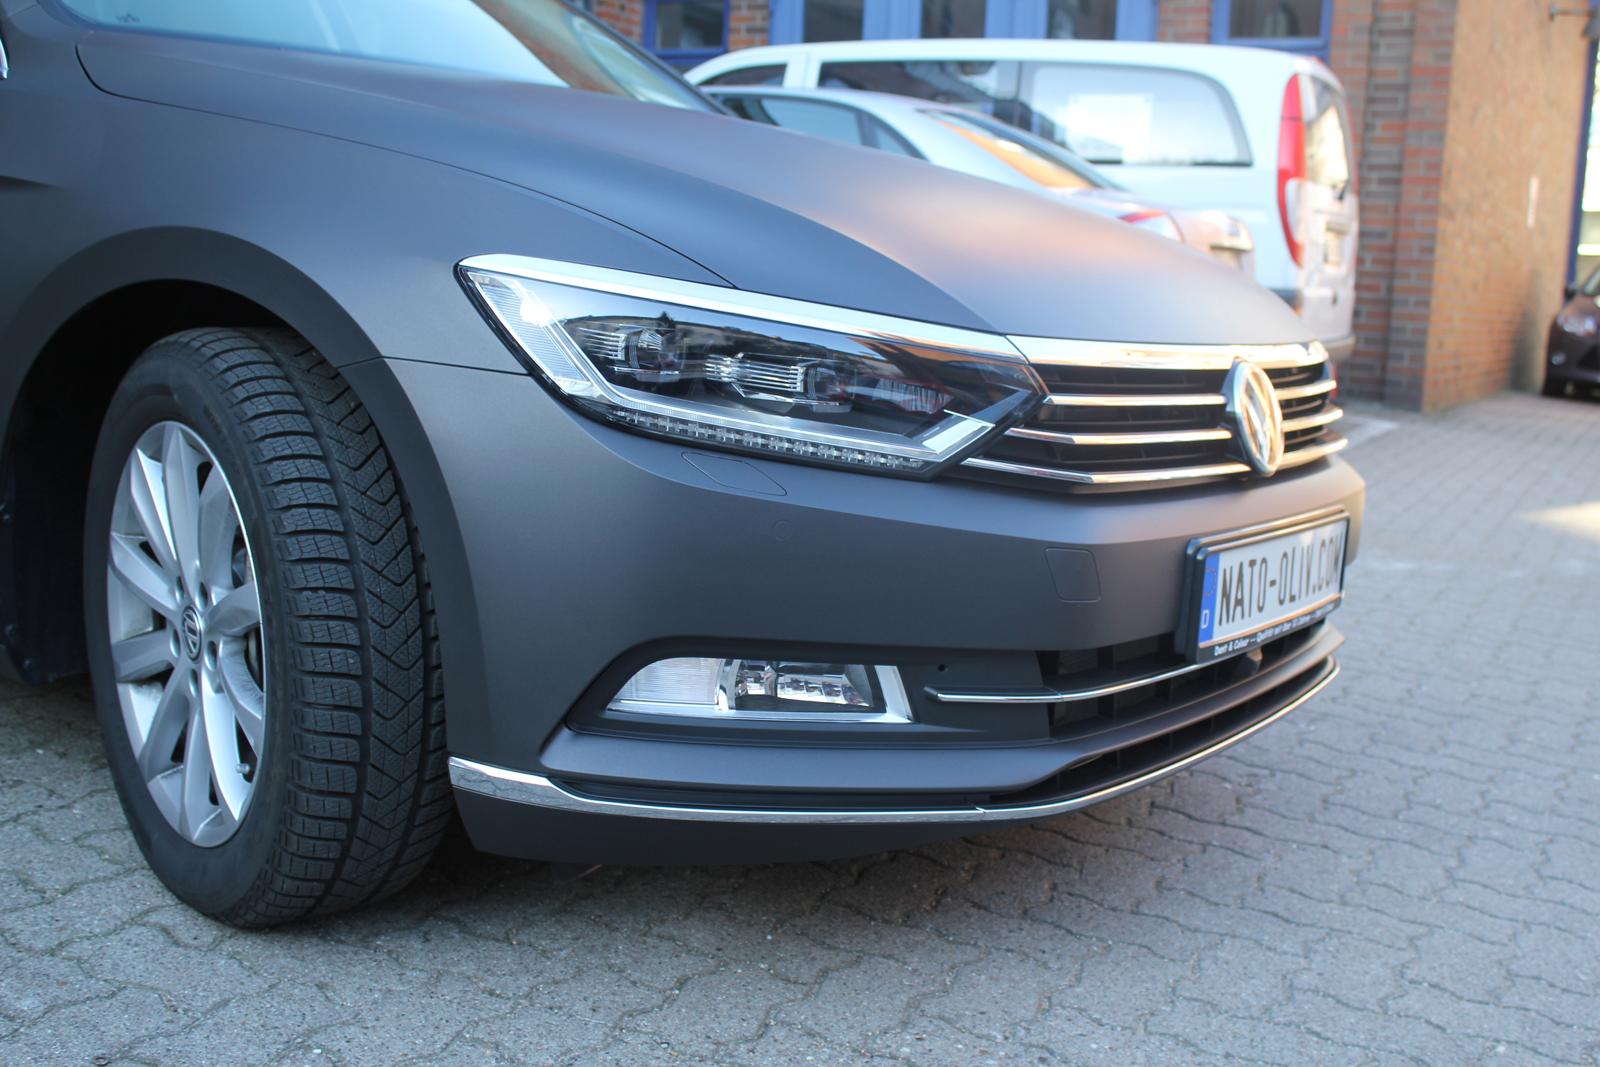 VW_PASSAT_FOLIERUNG_SCHWARZ-BRAUN_MATT_METALLIC_05